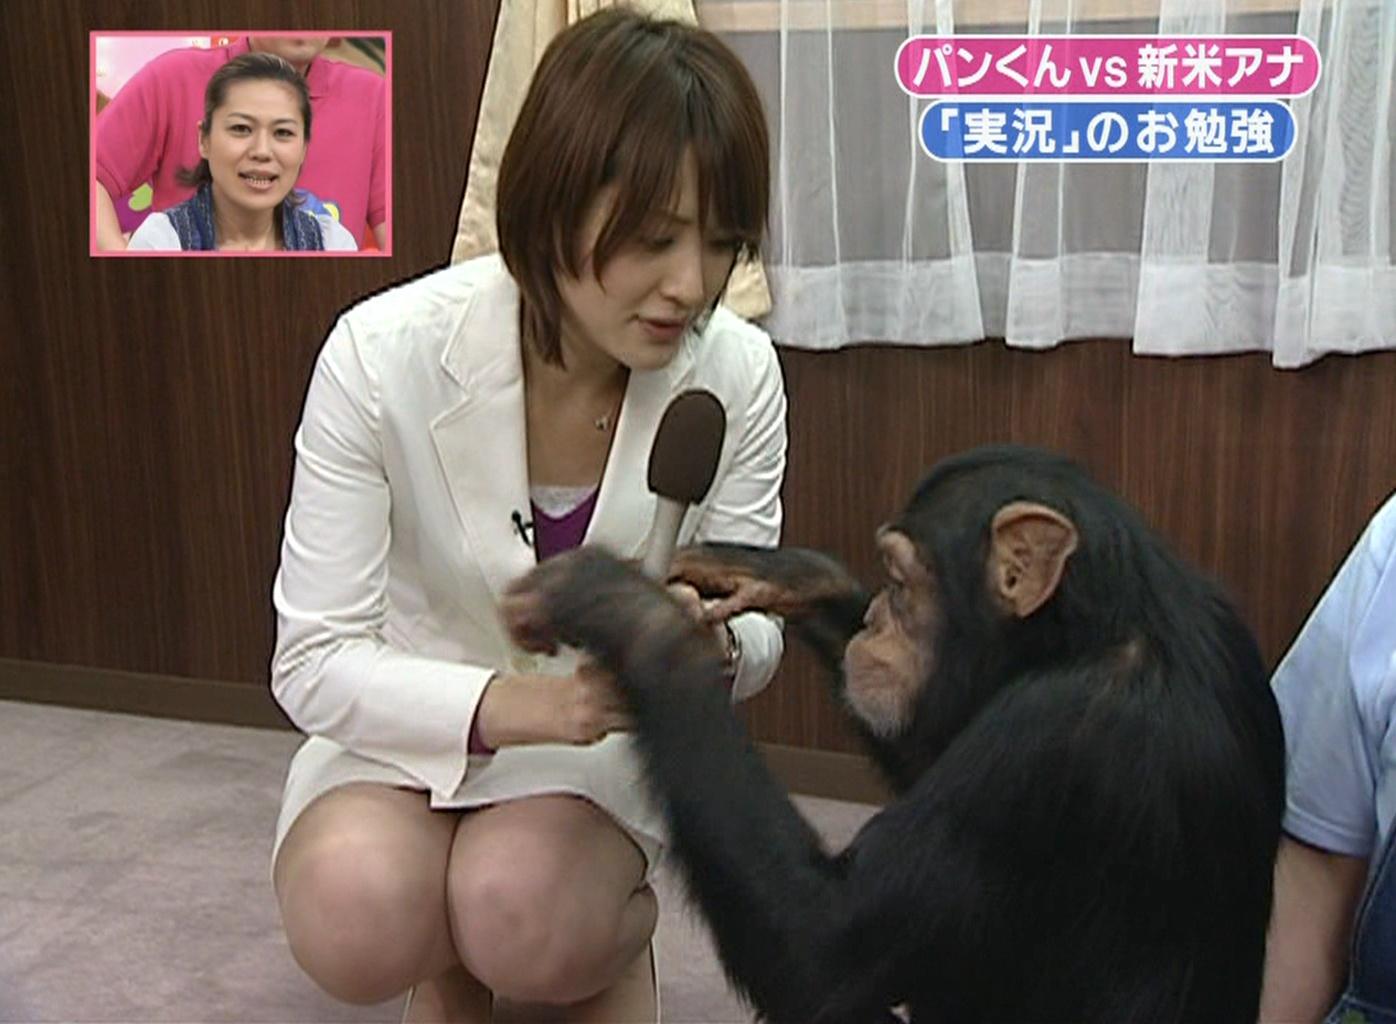 小熊美香 ミニスカ美脚キャプ画像(エロ・アイコラ画像)